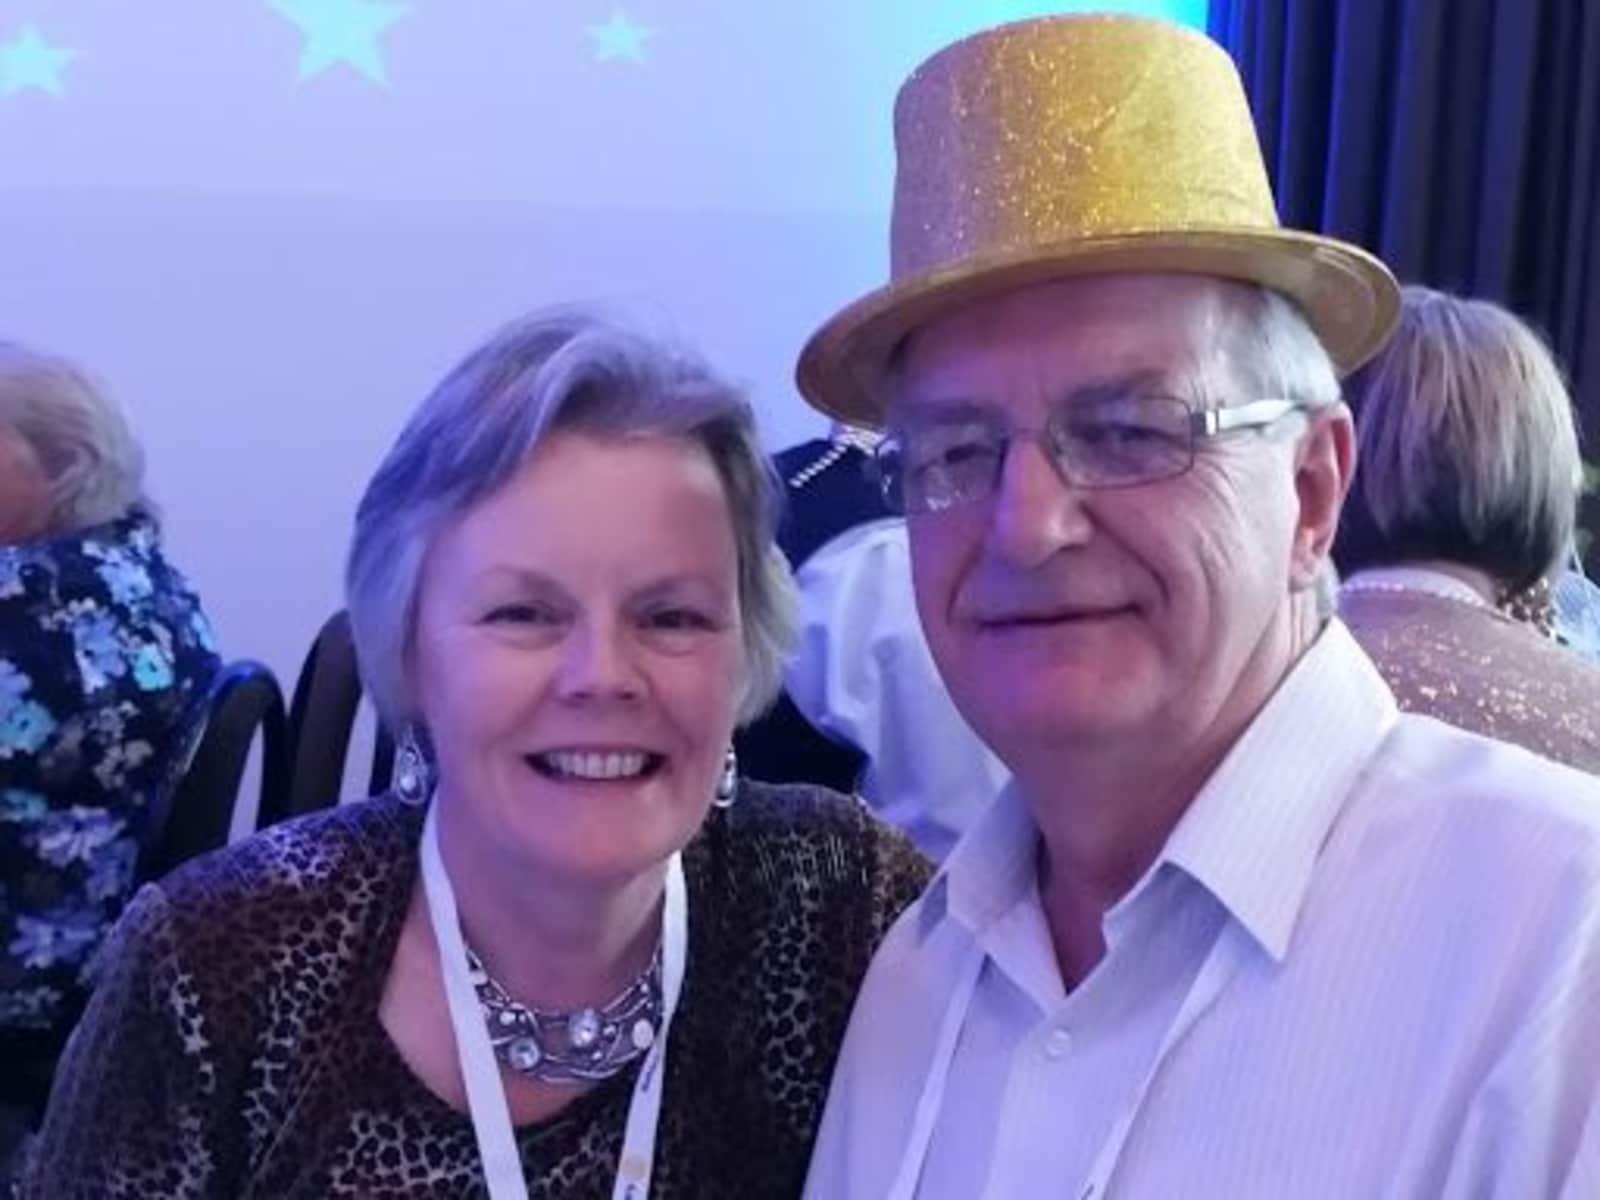 Lynne & Ross from Maffra, Victoria, Australia